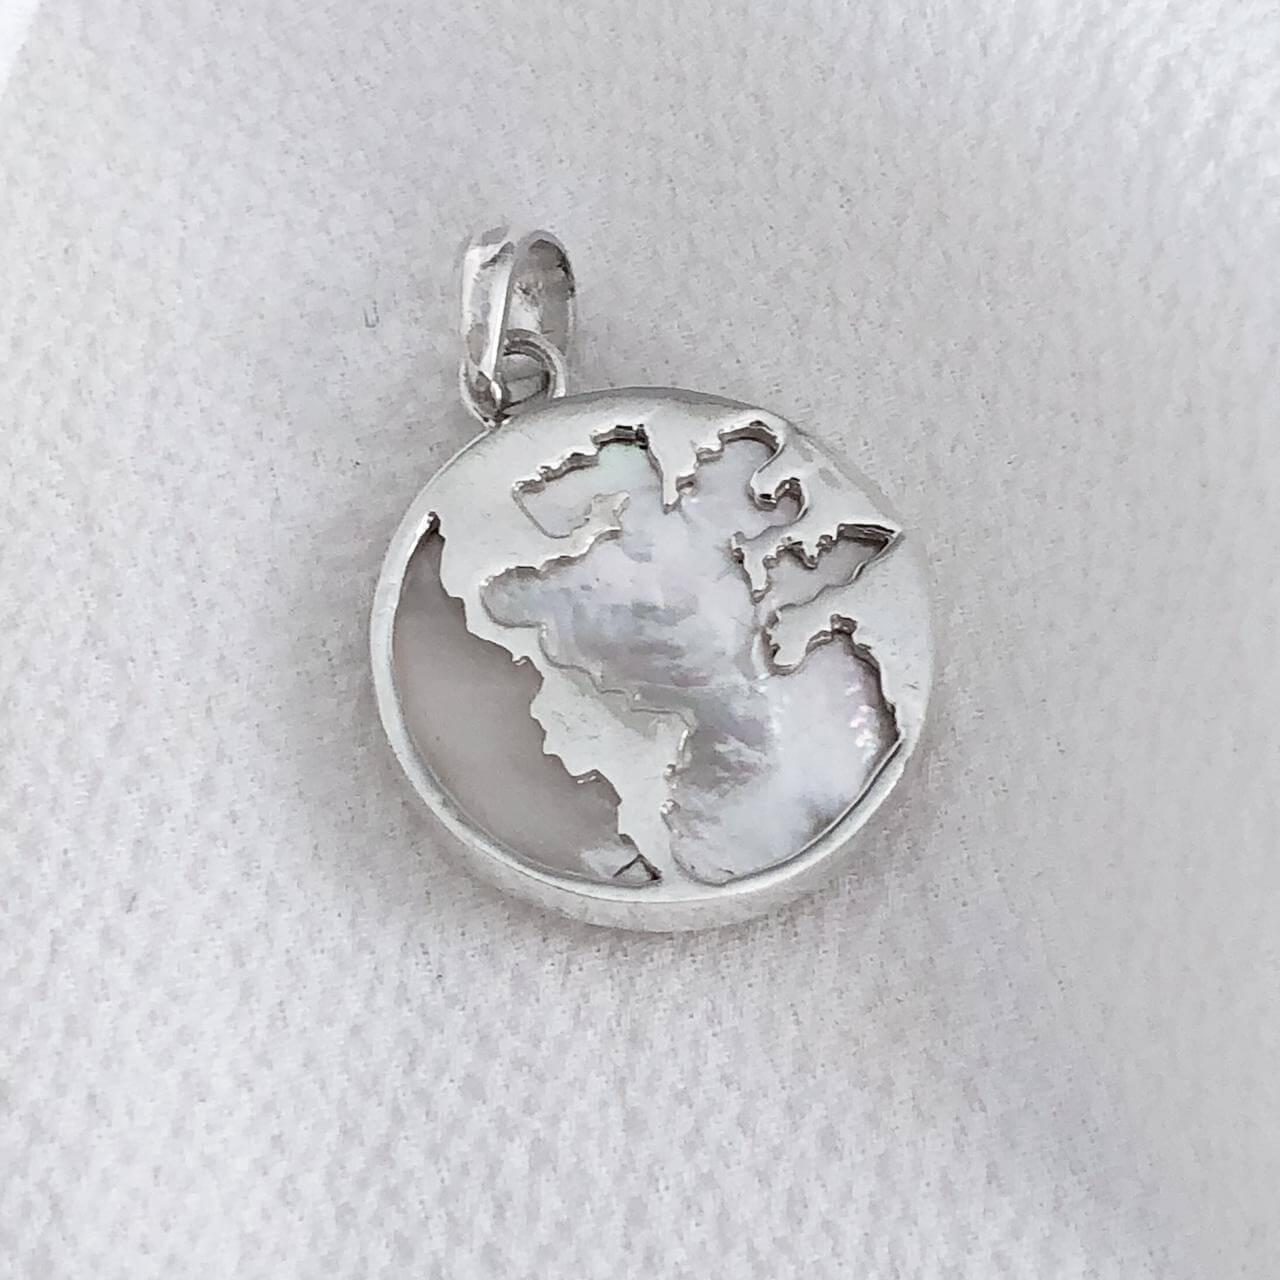 Pingente Mapa Mundi em Prata 925 com Madrepérola